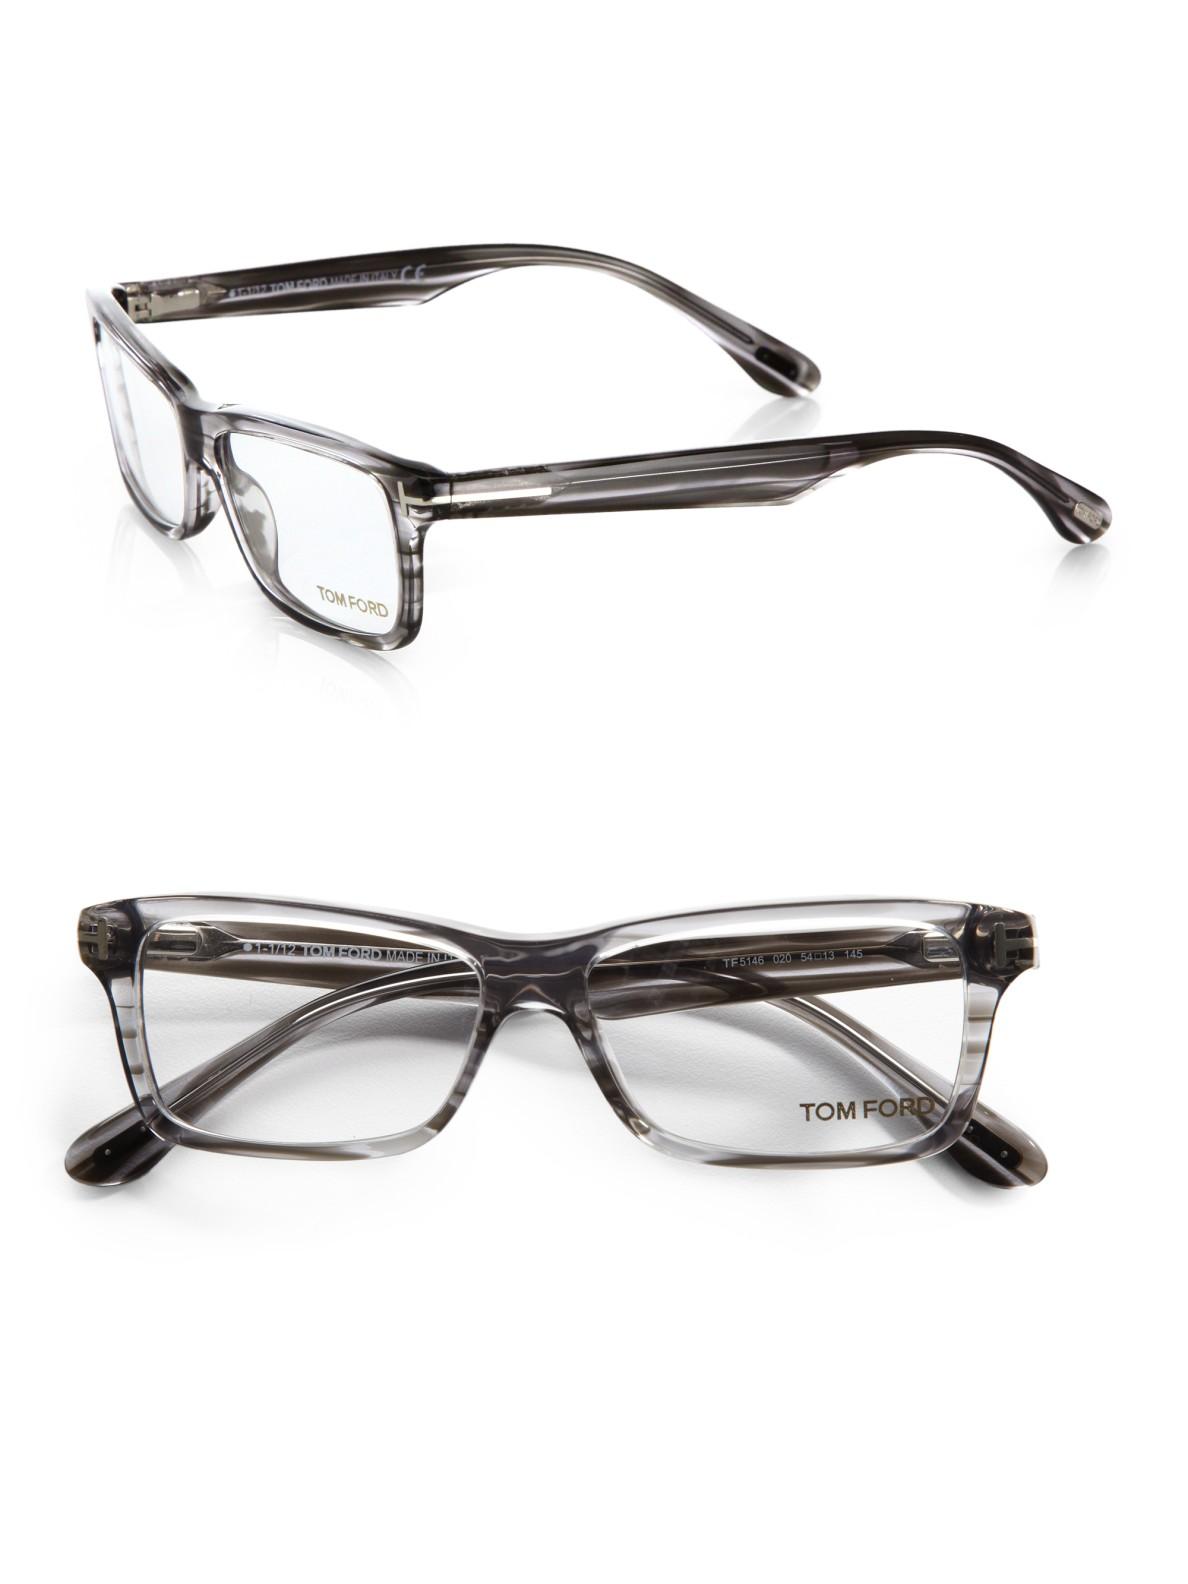 1077b9ce066f Lyst - Tom Ford Plastic Optical Frames in Gray for Men